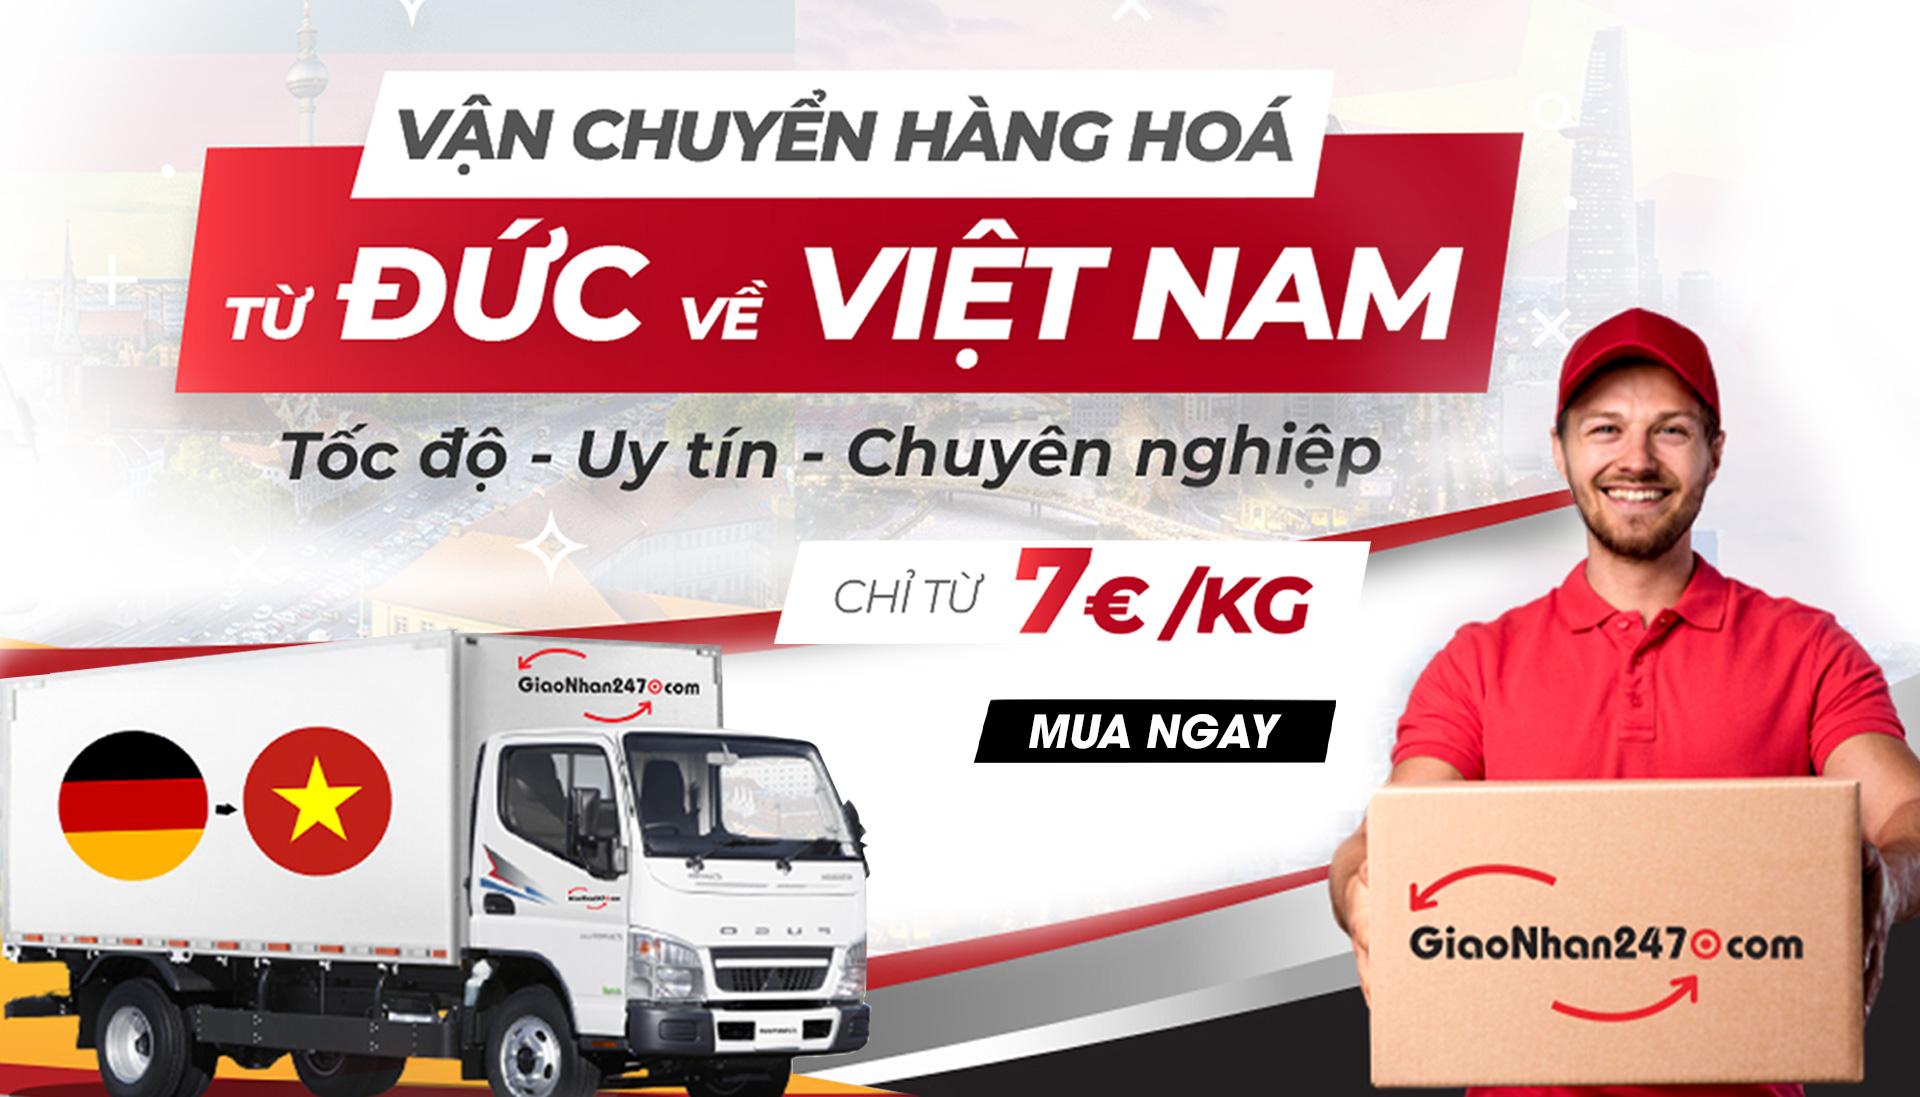 van-chuyen-hang-hoa-tu-nuoc-duc-ve-vn